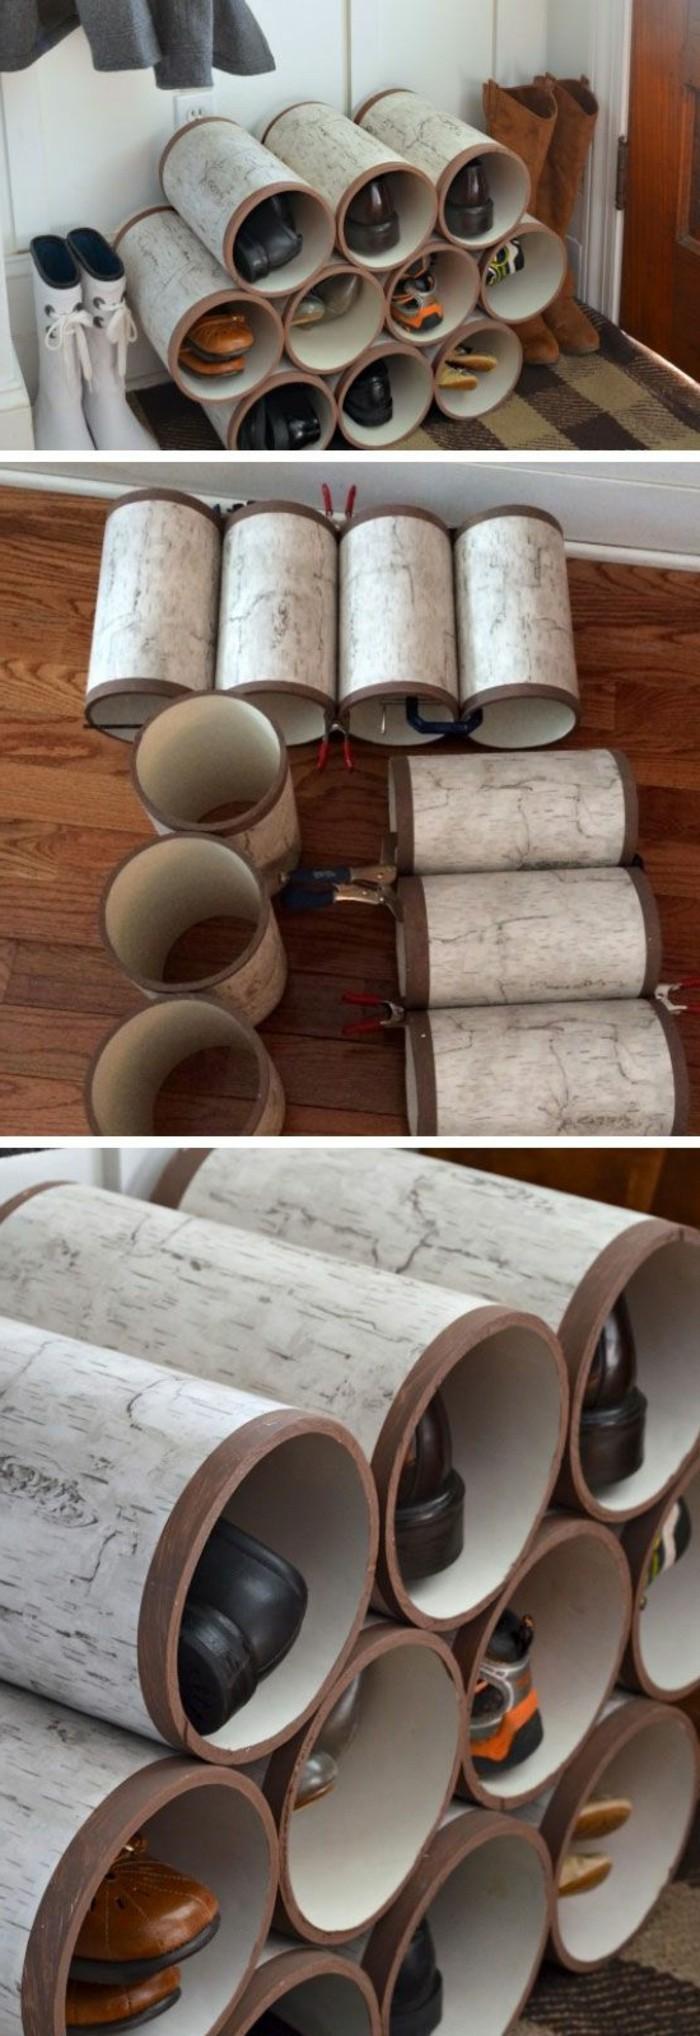 Schuhschrank selber bauen - eine kreative Schuhaufbewahrung Idee ...